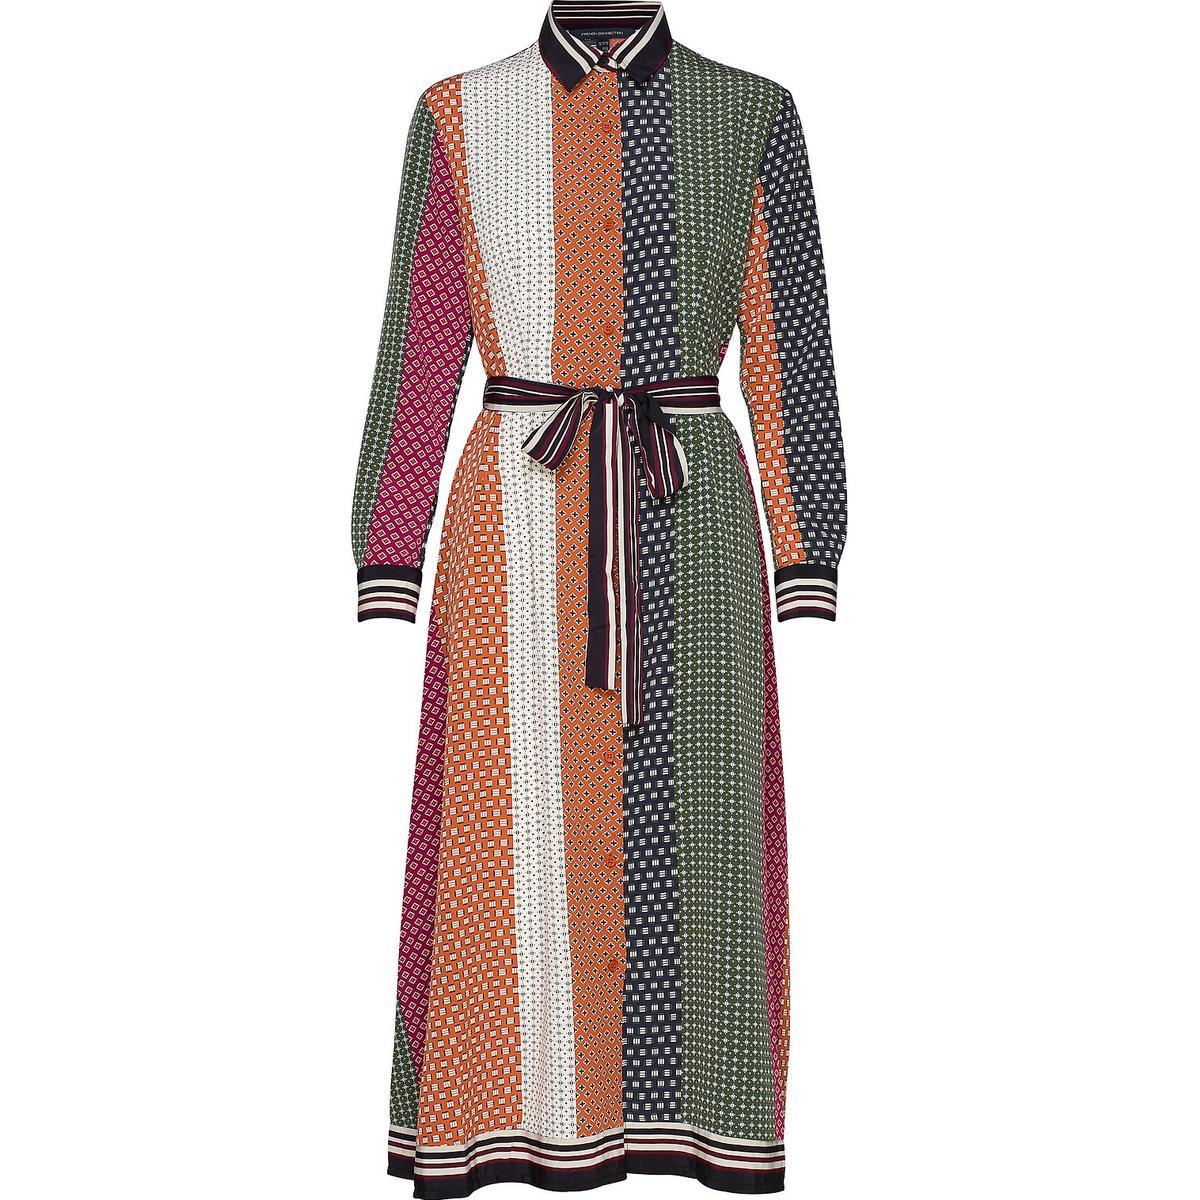 Løs Skjortekjole Dametøj (700+ produkter) • Se billigste